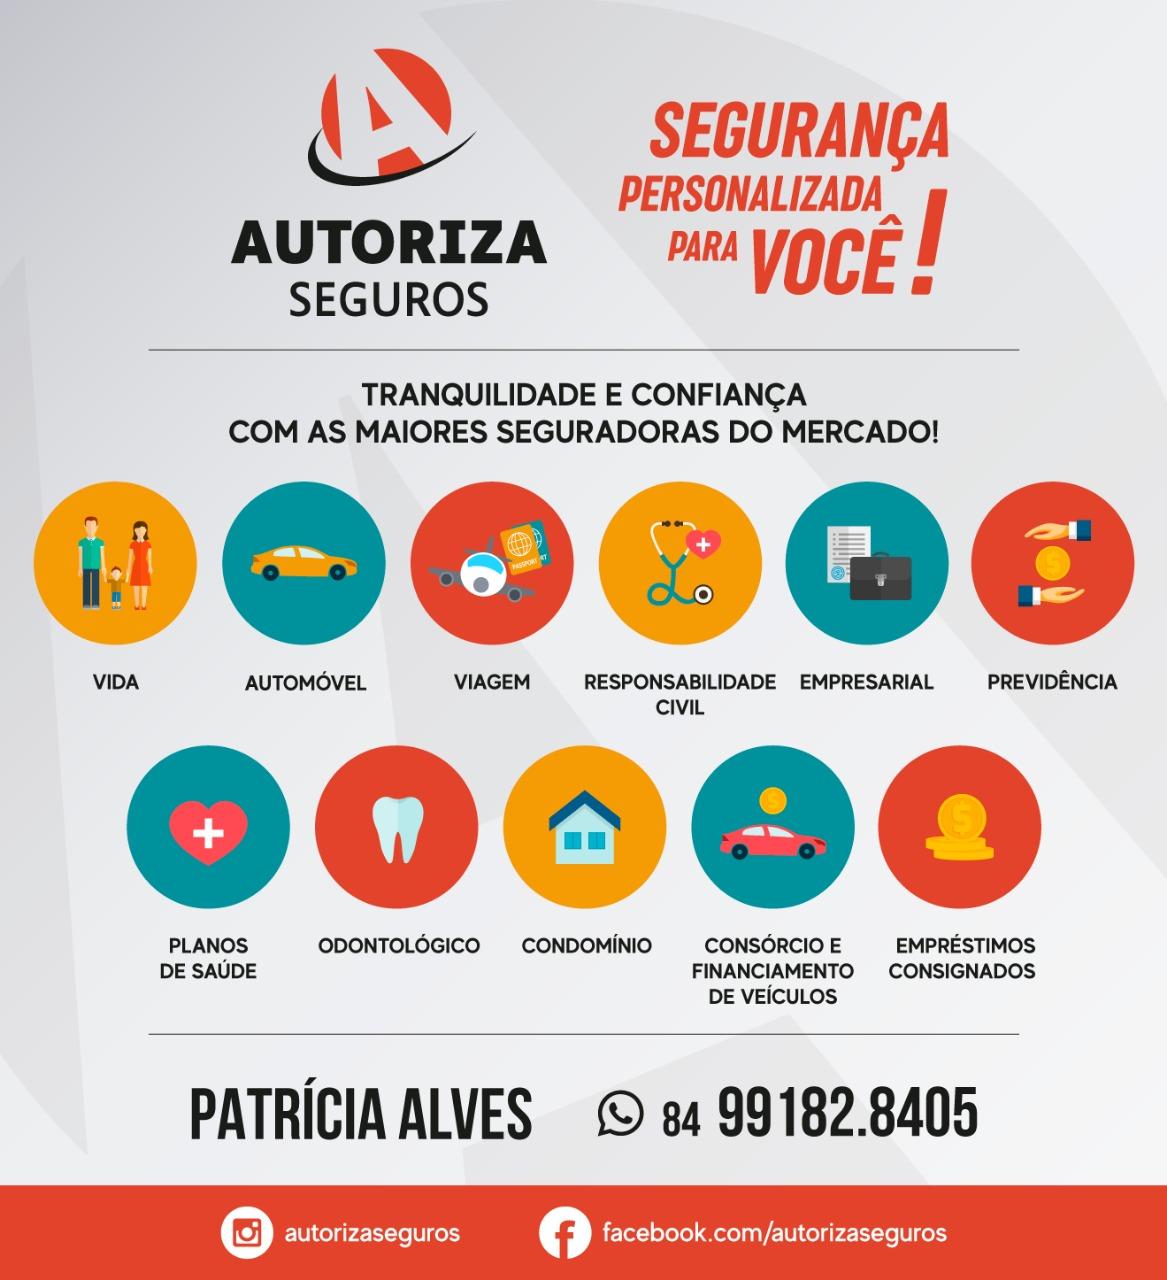 AUTORIZA SEGUROS